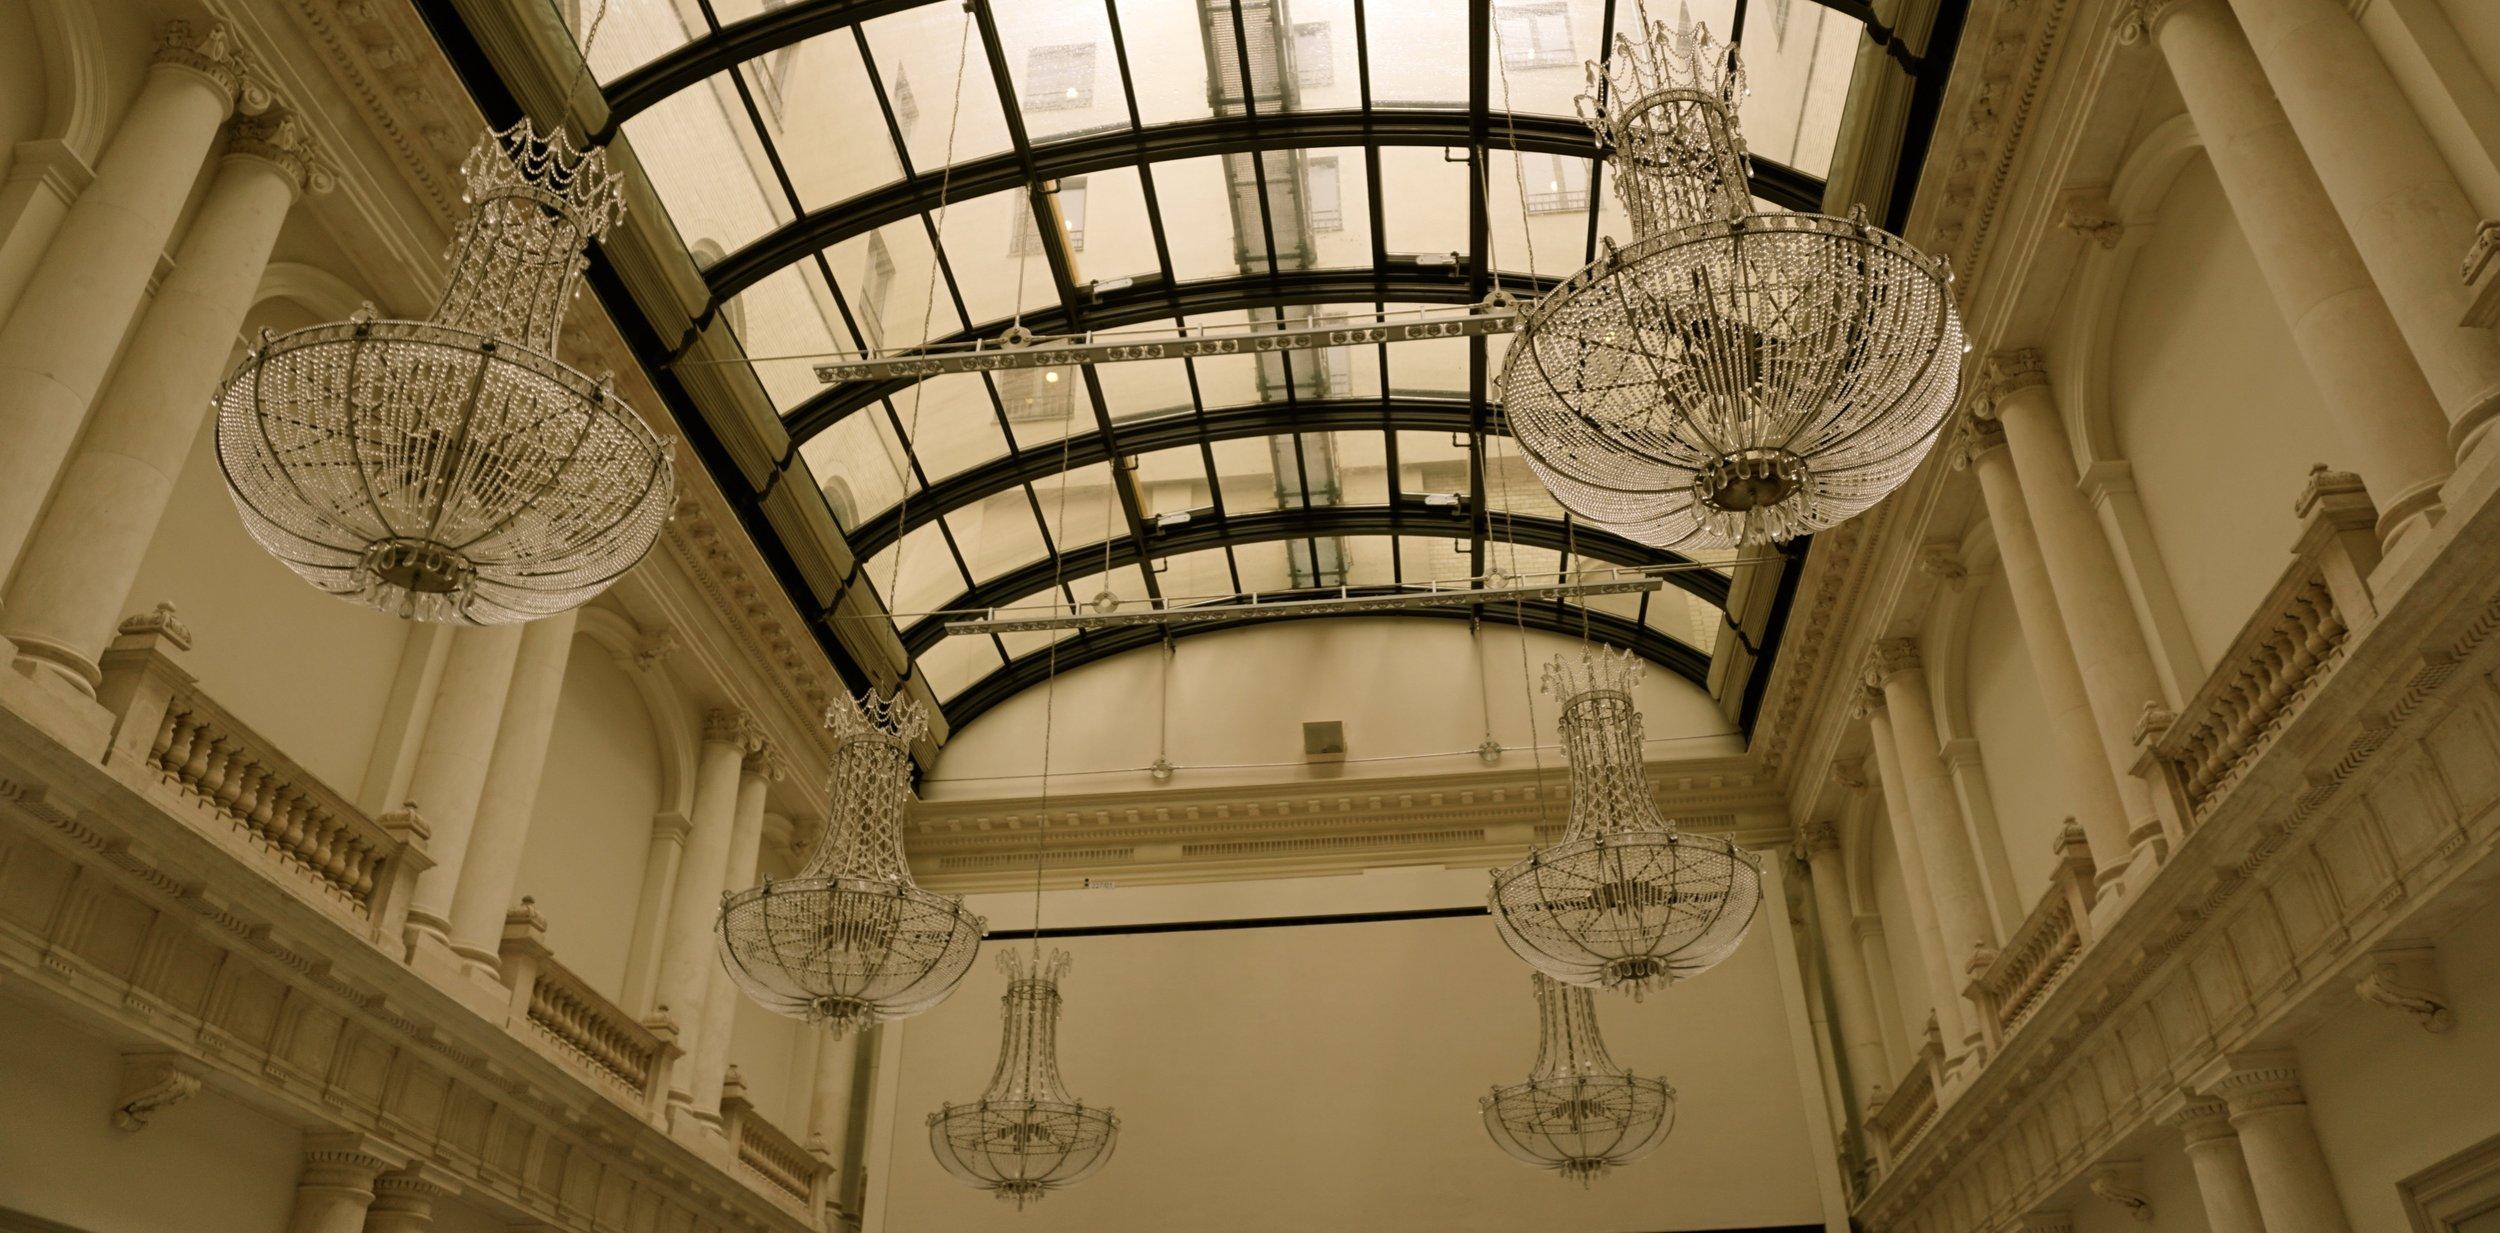 Der historische Ballsaal aus dem 19. Jahrhundert. In der ehemaligen Schalterhalle wird heute getagt und gefeiert. Bis zu zehn Meter Deckenhöhe, Glasdach und original Mosaikboden aus dem 19. Jahrhundert.